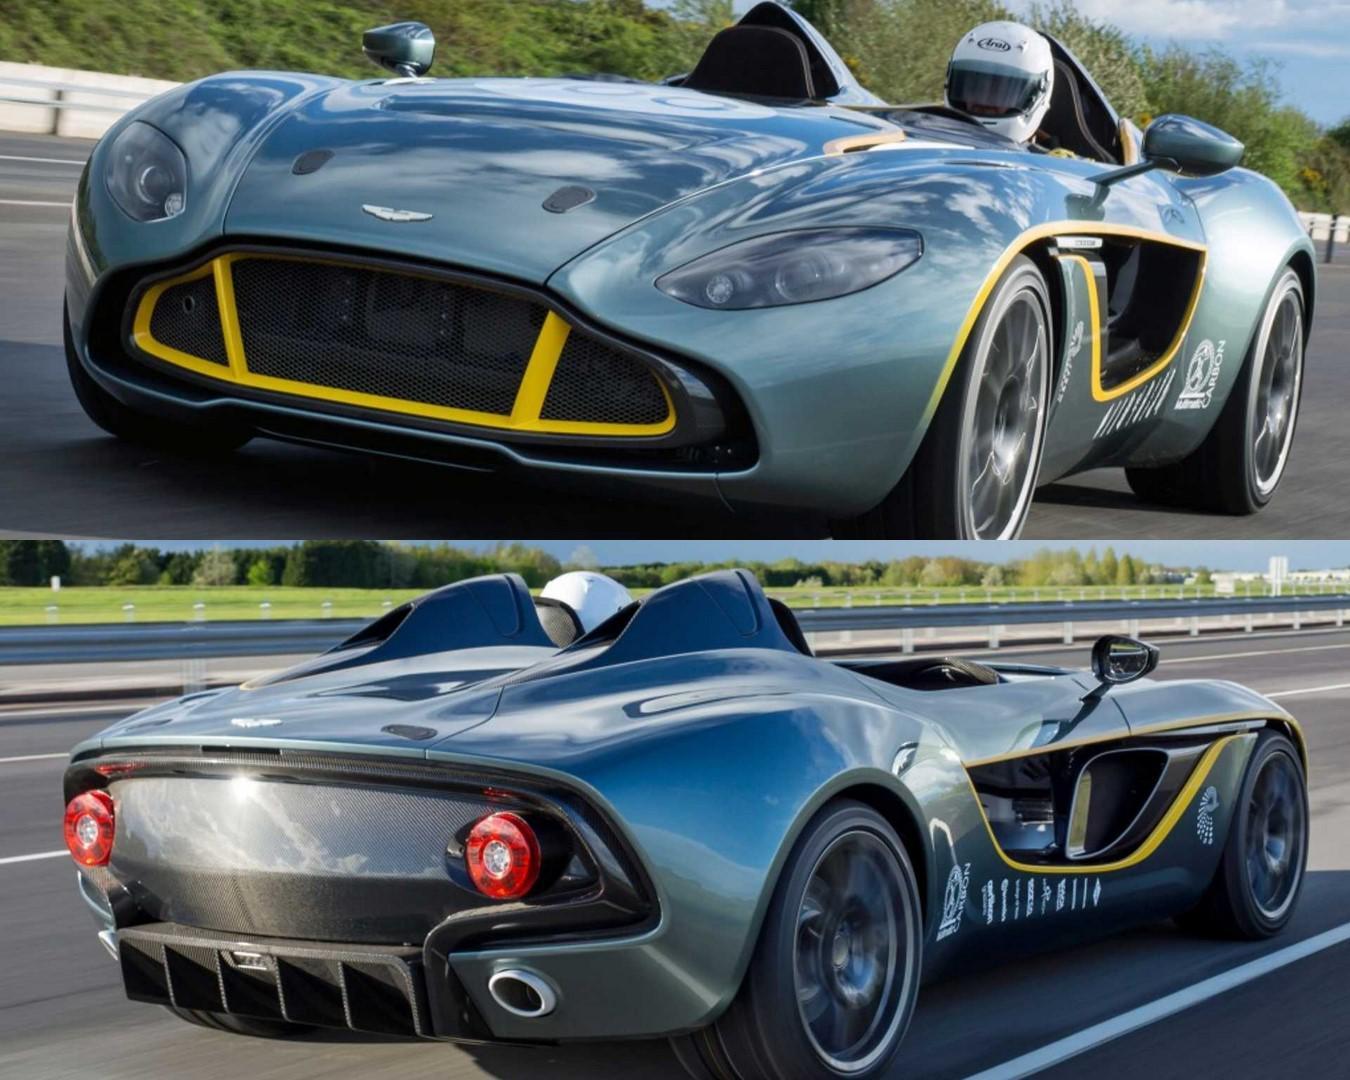 mode-supercars-sans-pare-brise-speedsters-et-barchettes-1154-1.jpg